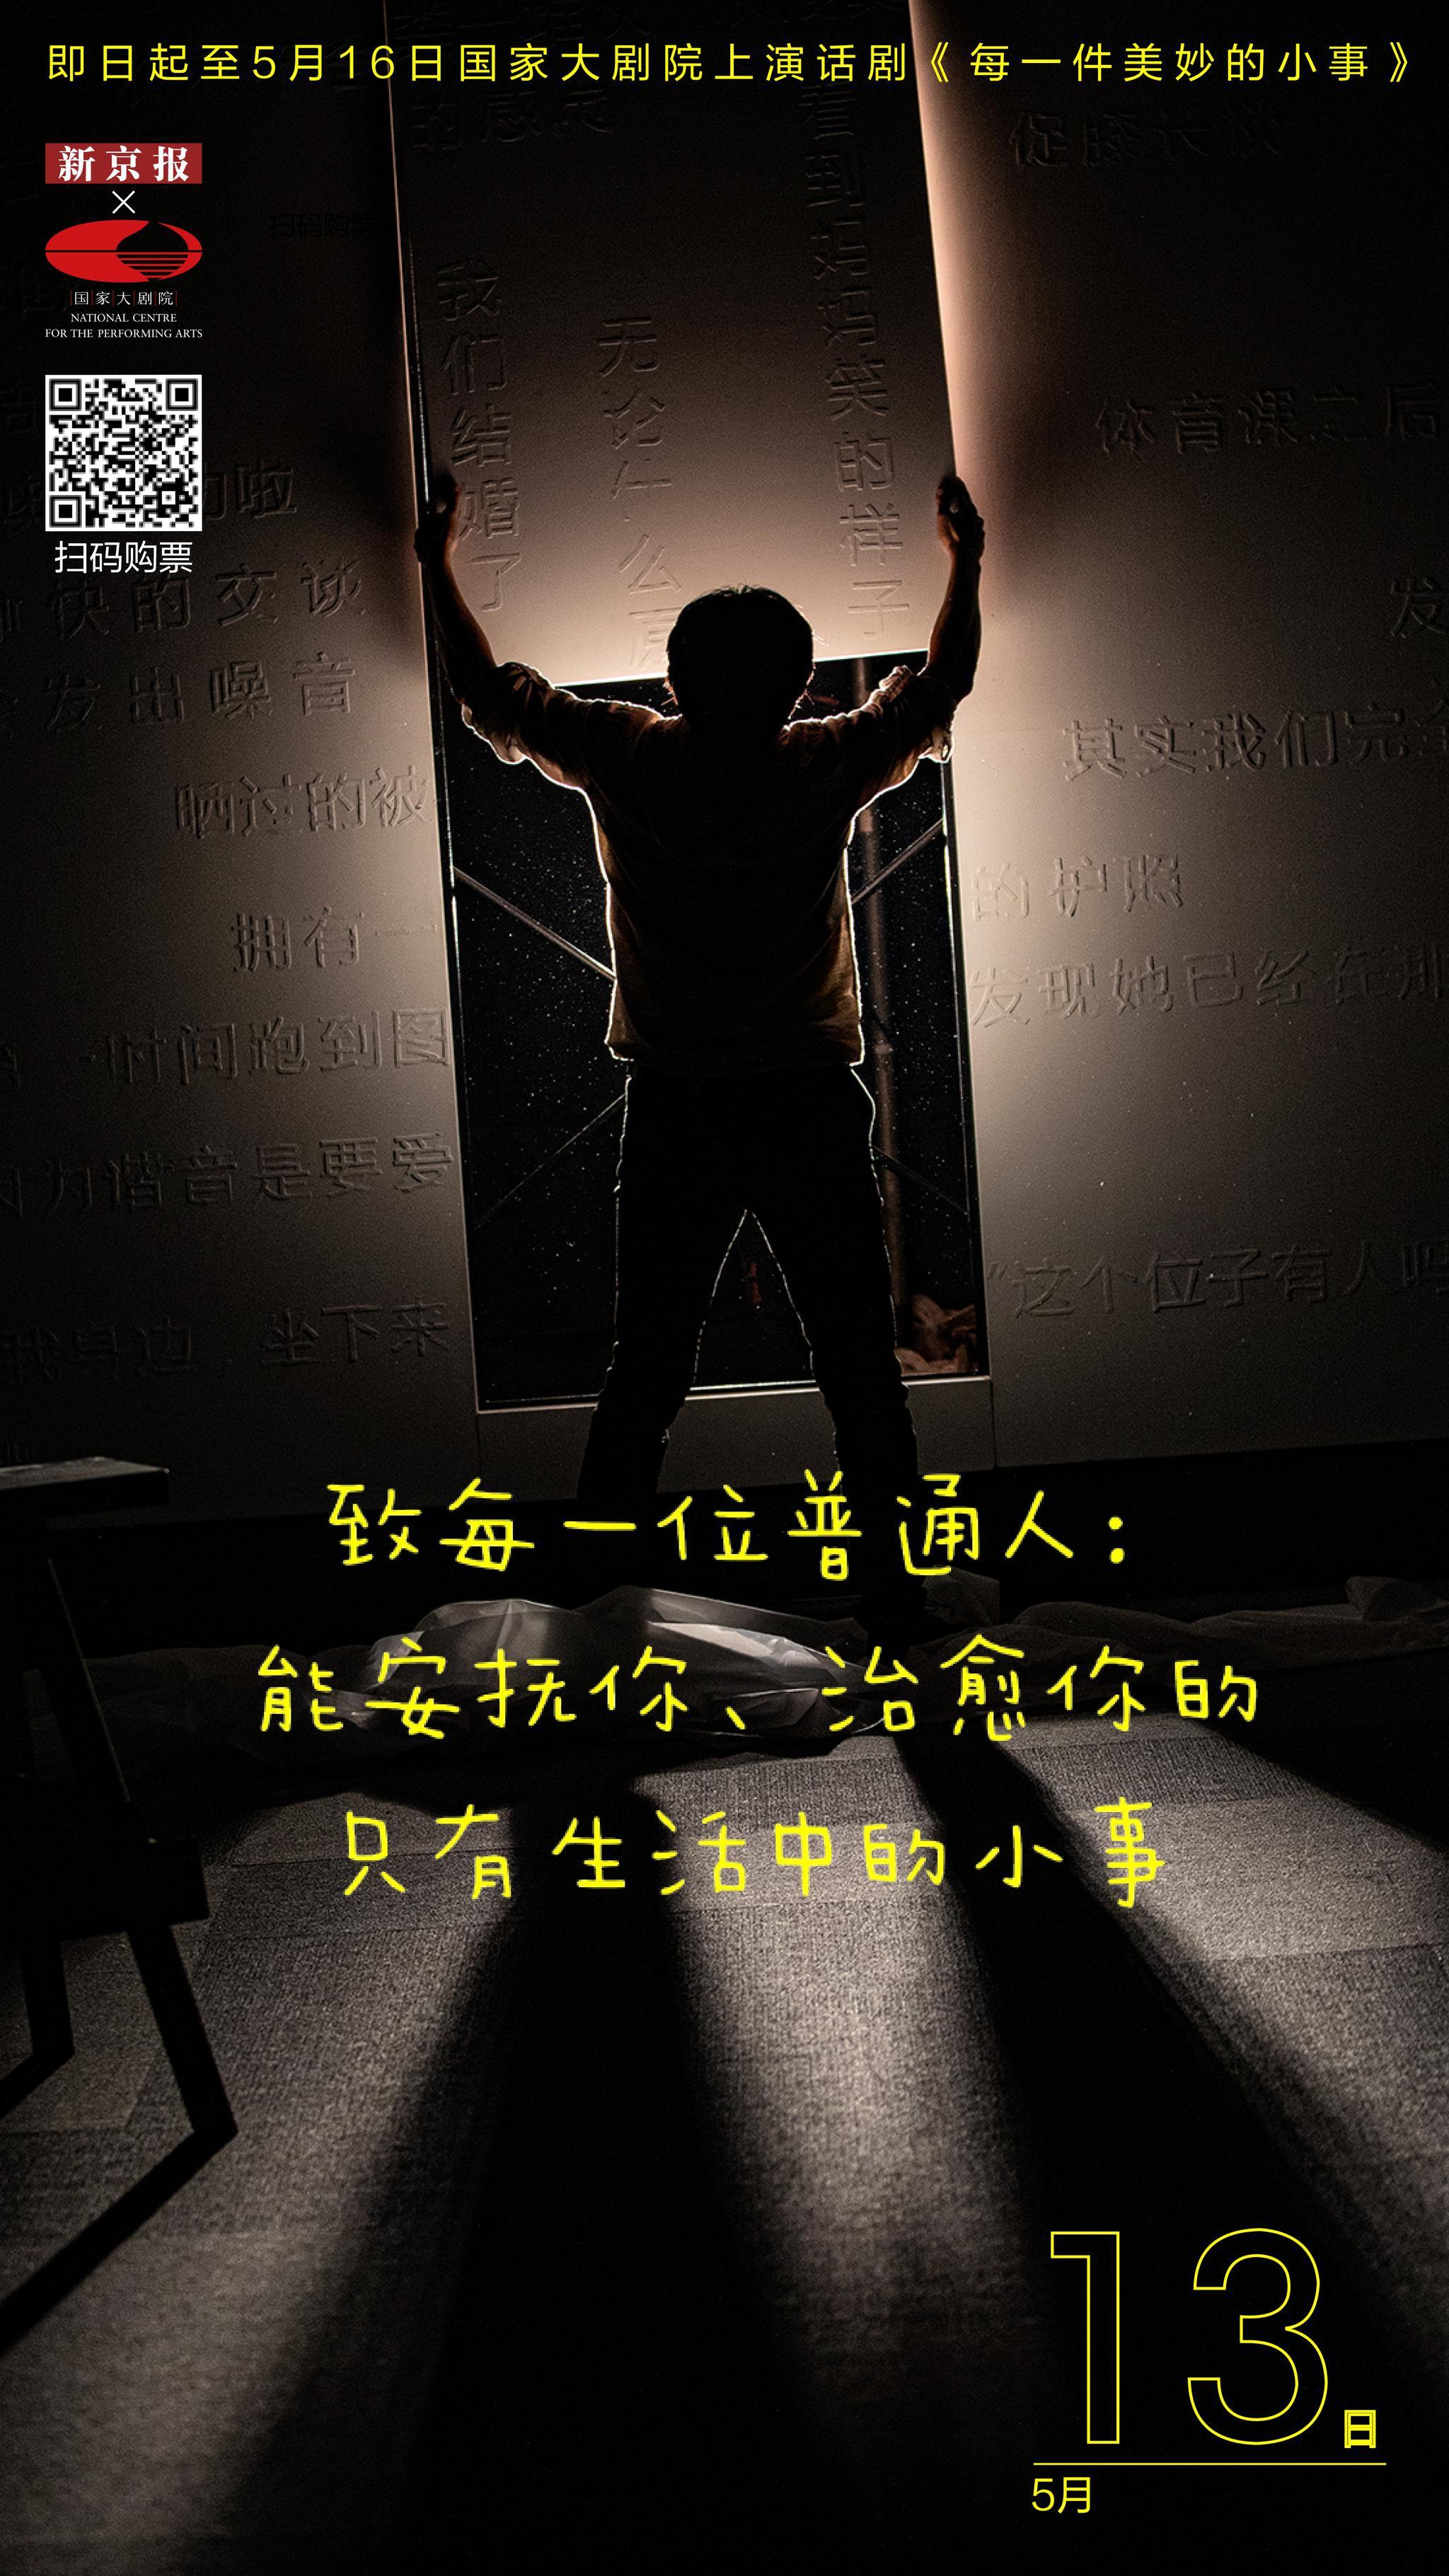 普通人的焦虑在这部话剧里得到治愈|新京报×国家大剧院